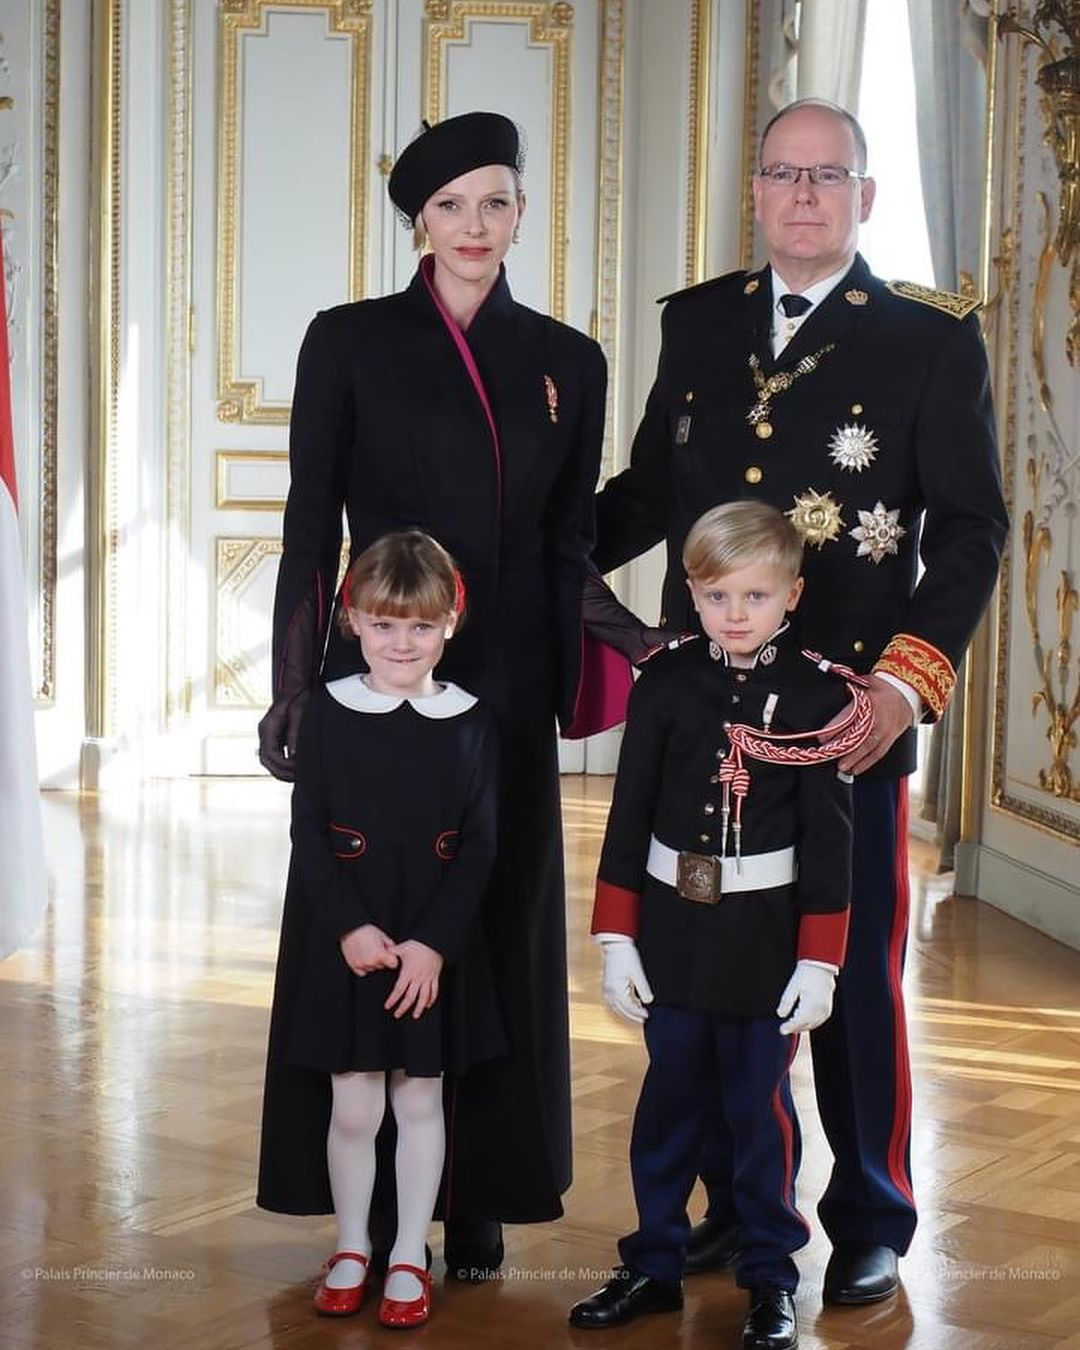 князь монако и княгиня шарлен